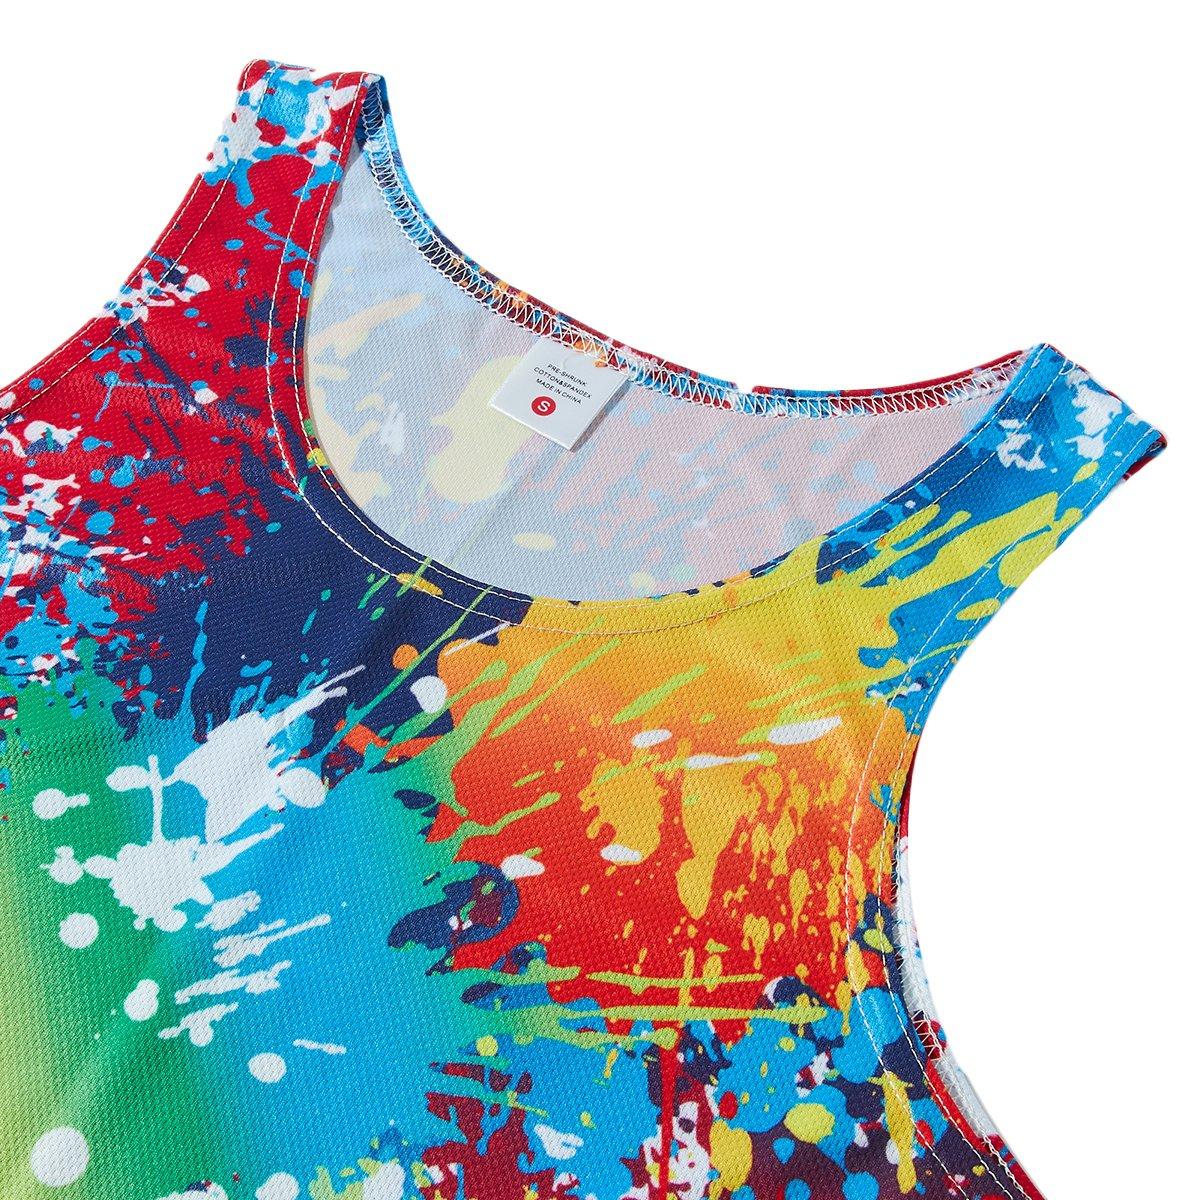 RAISEVERN 3D Bunte Farbe Drucken Lustige Muster Realistische Underwaist Gym Tank Tops für Herren X-Large